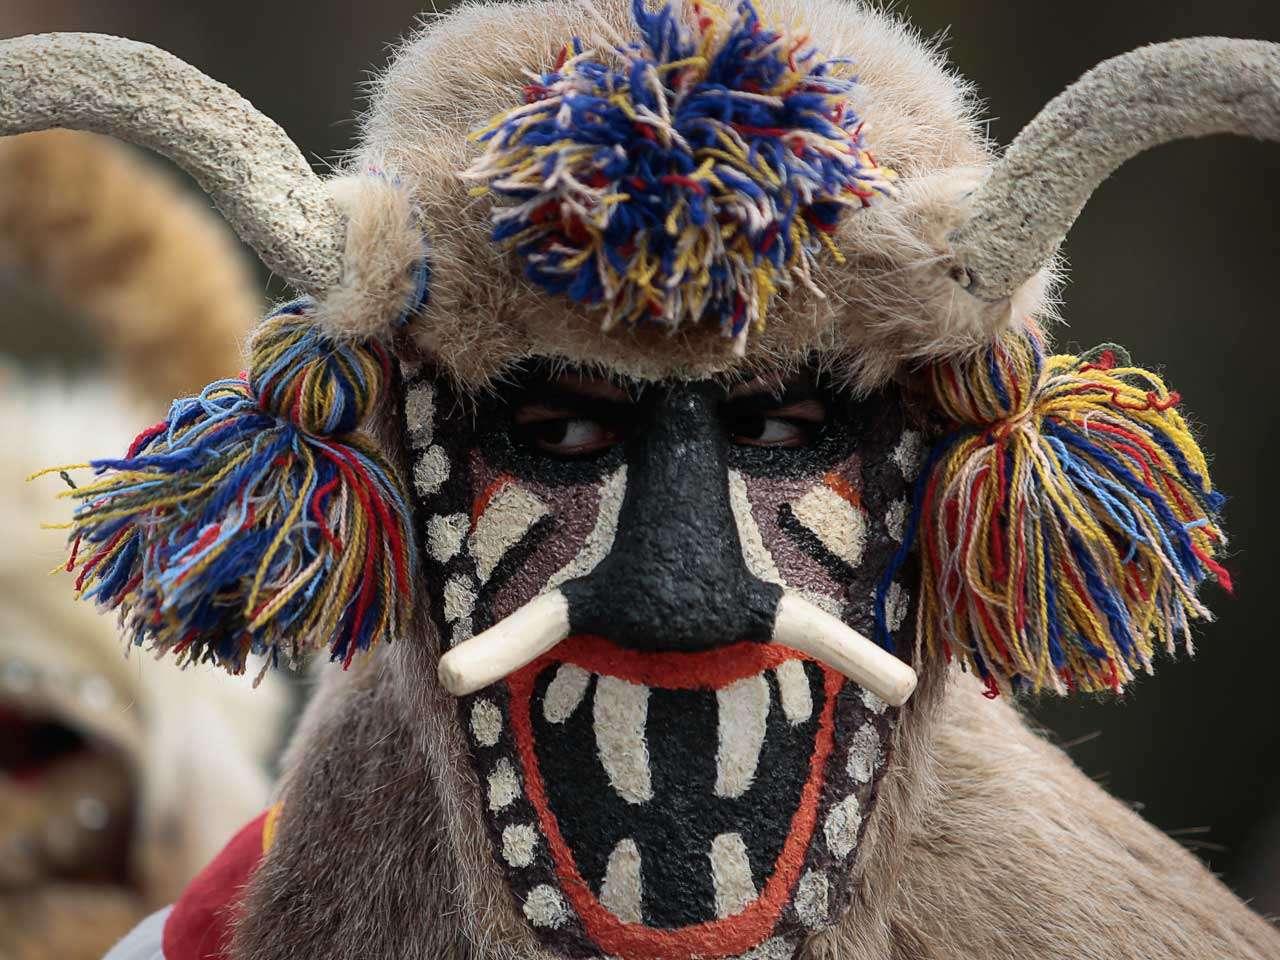 """Un danzante búlgaro toma parte en el Festival de los Juegos de Máscaras """"Surva"""", en Pernik, Bulgaria, el festival contará con la participación de cinco mil personas durante tres días, 31 de enero de 2015. Foto: AP en español"""